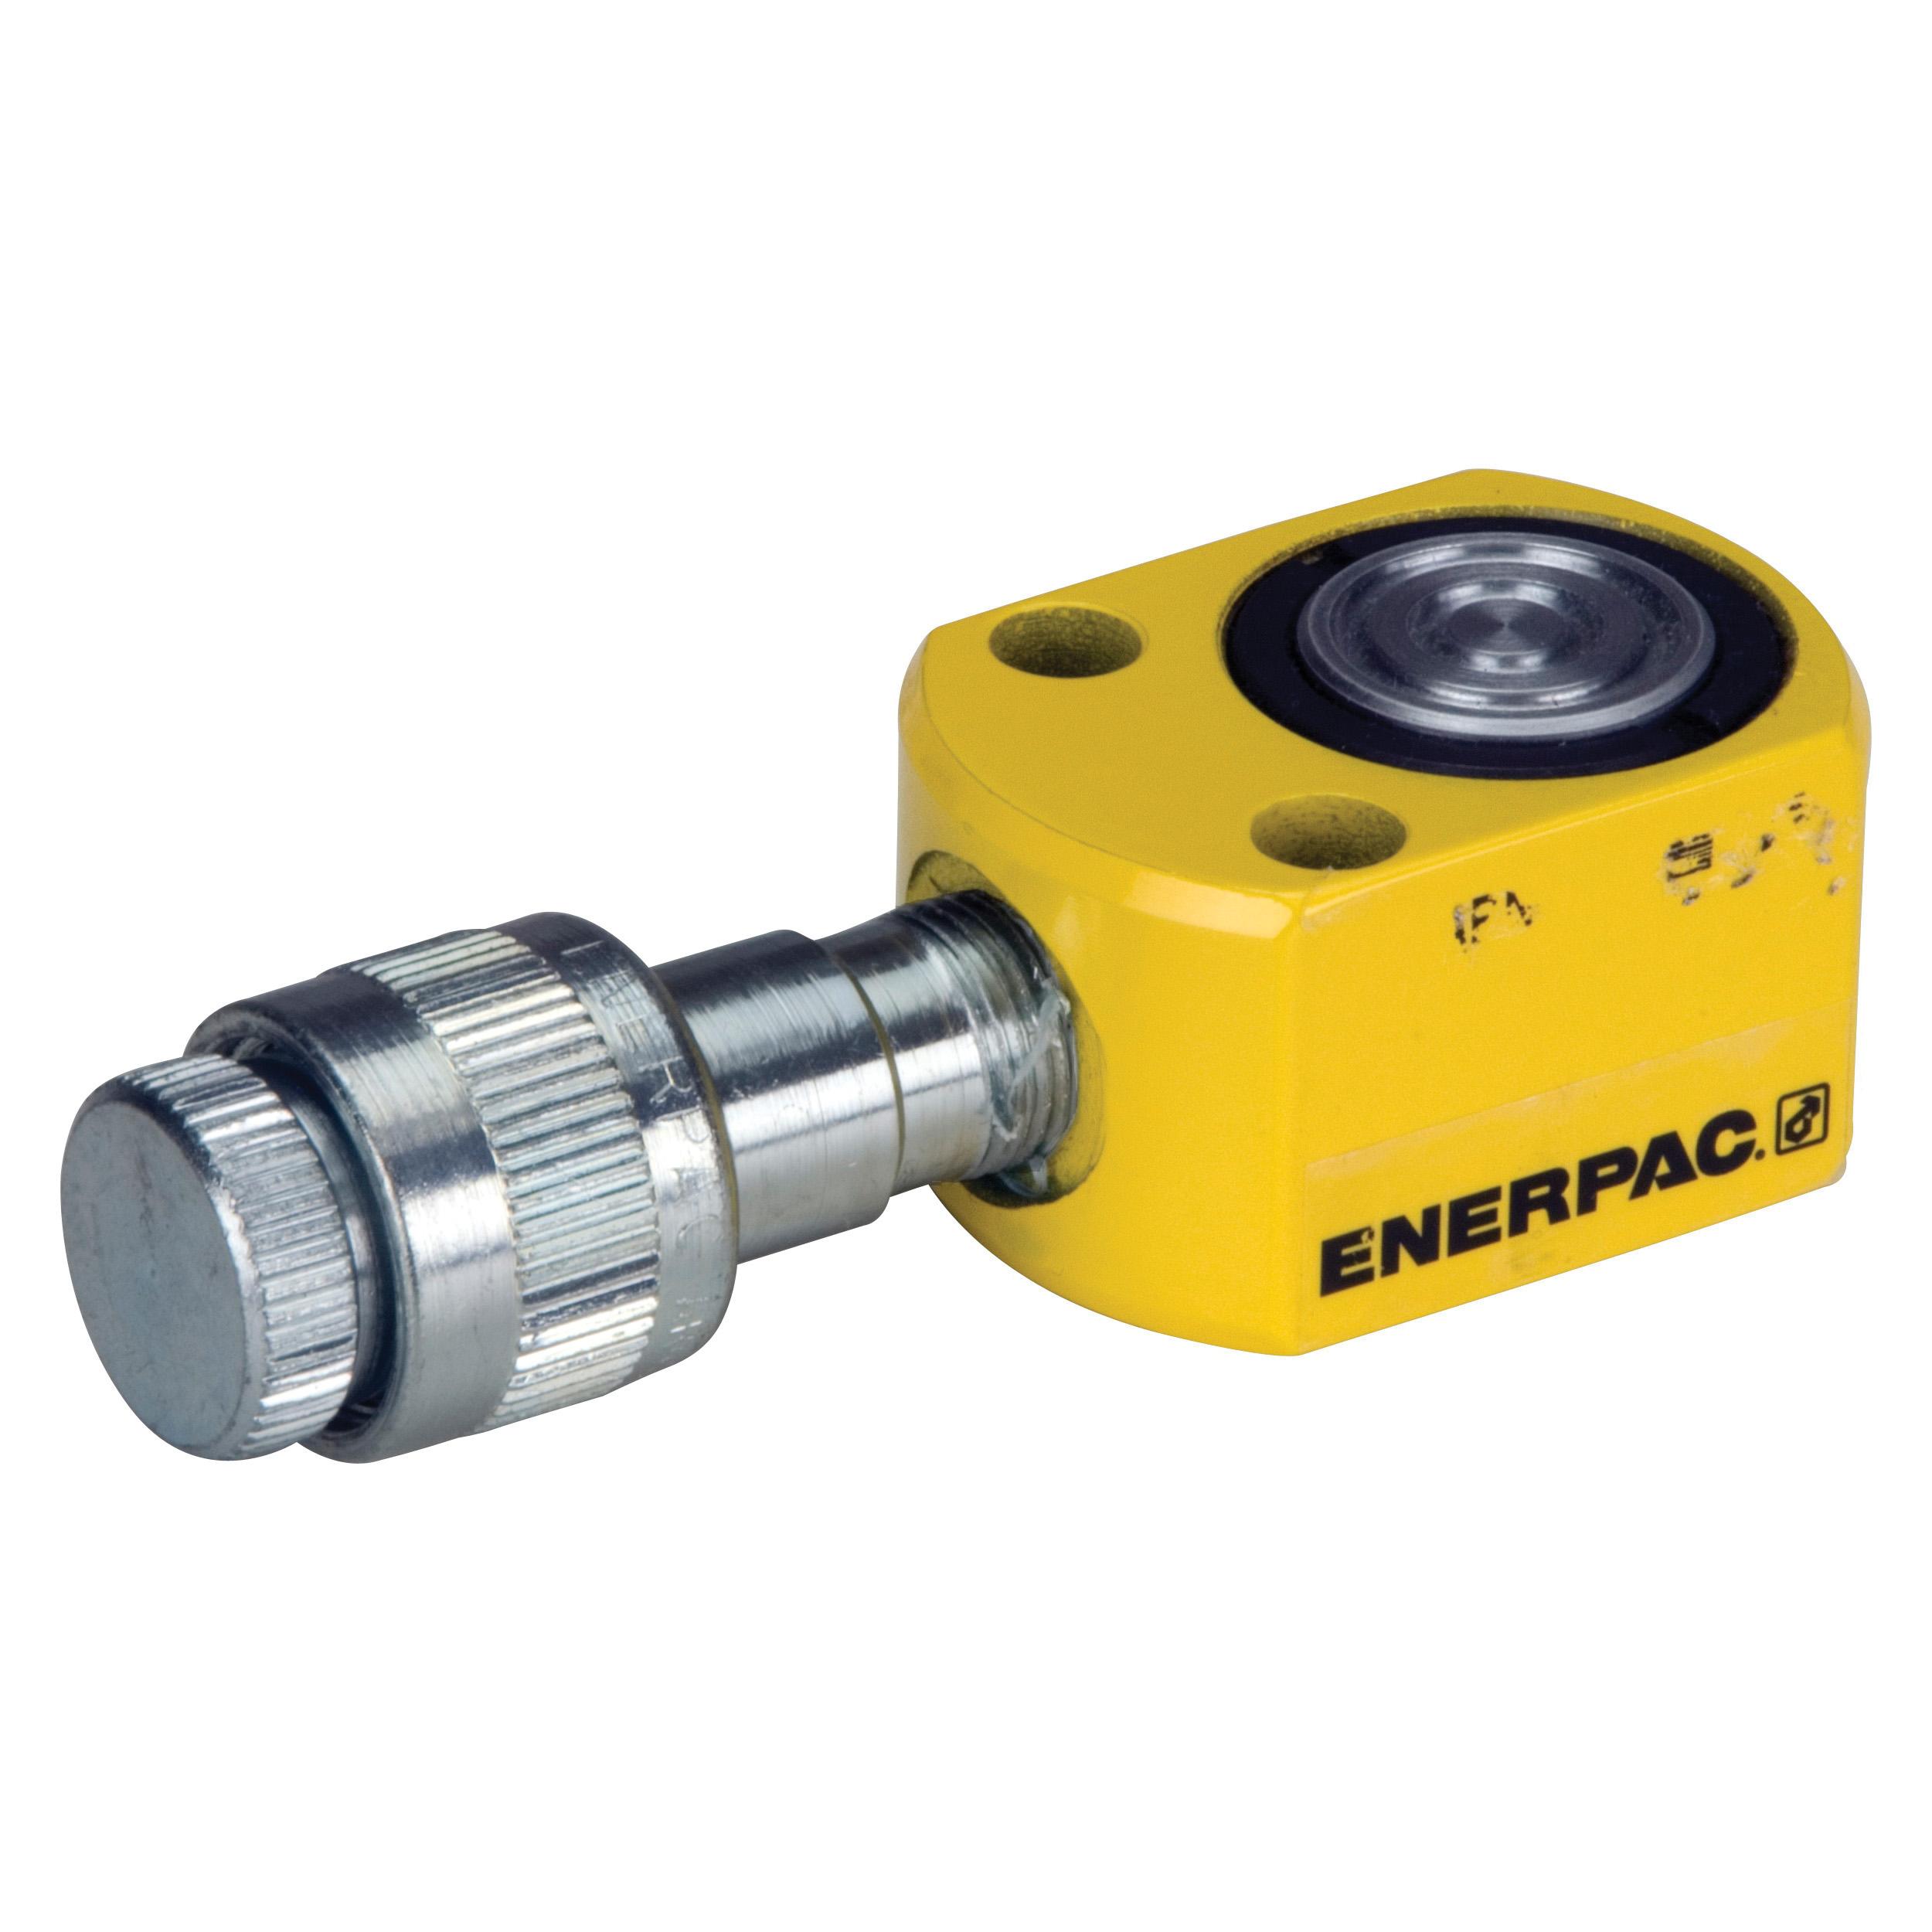 Enerpac® RSM-50